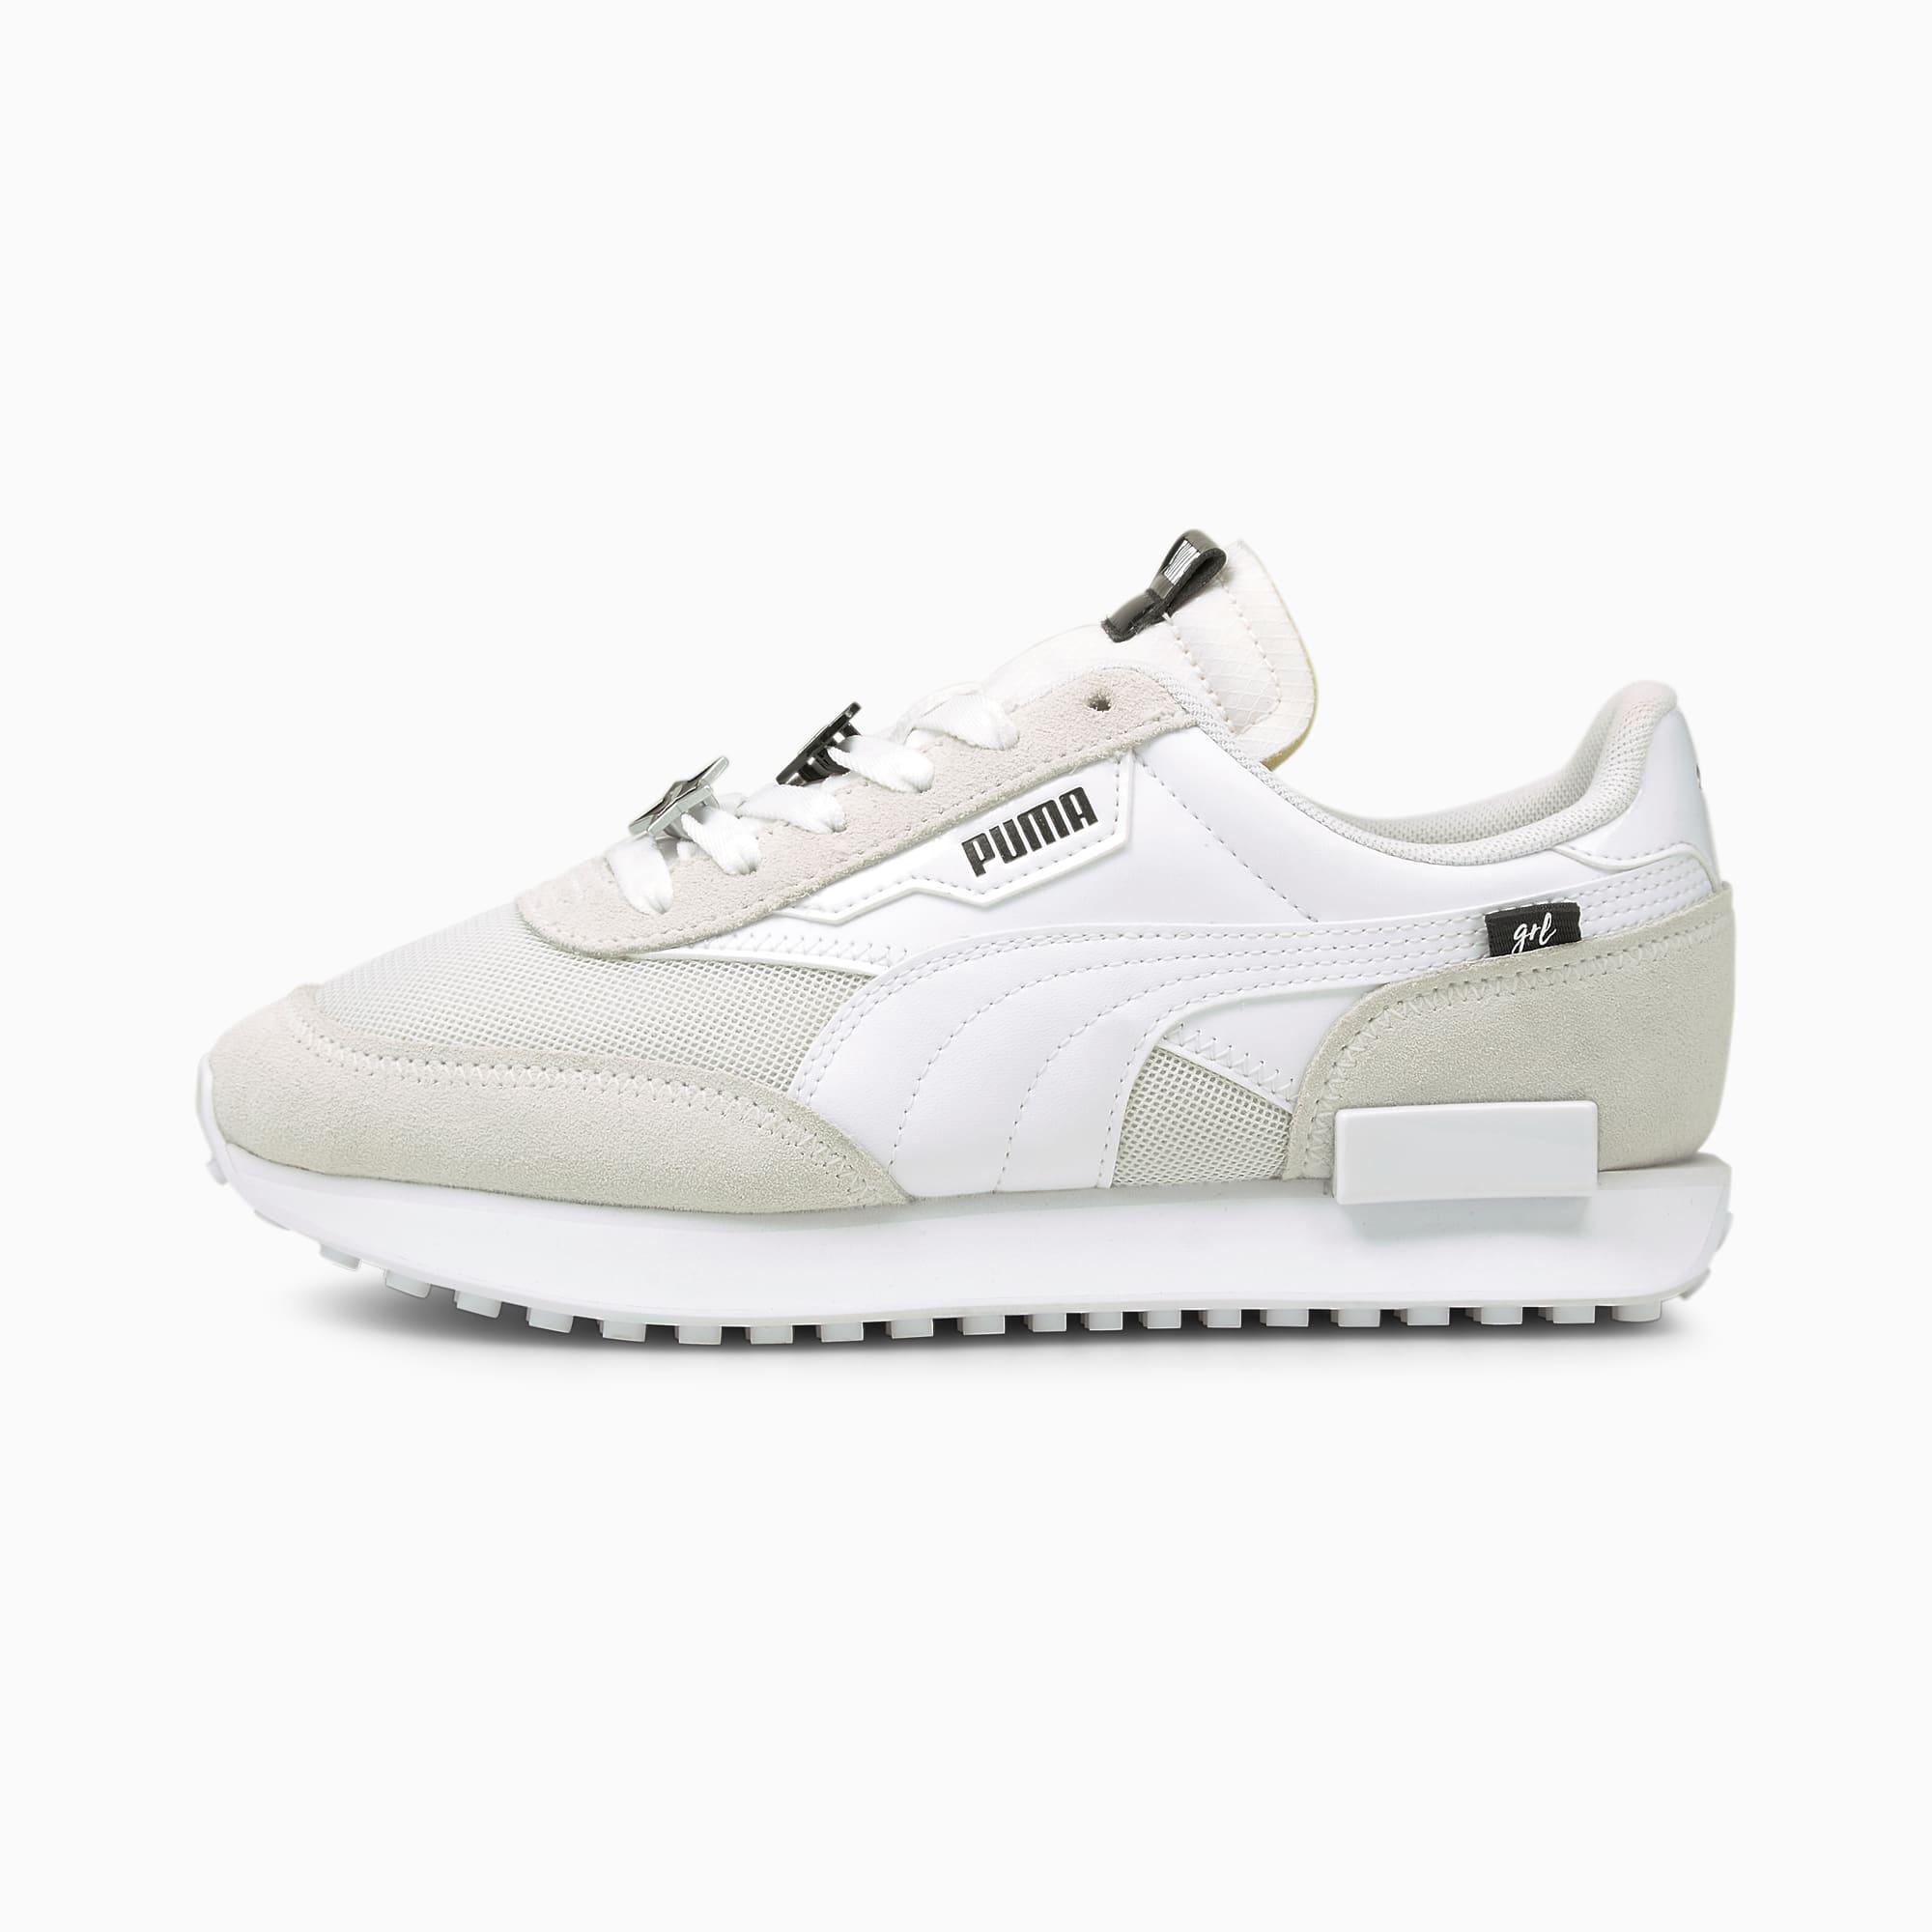 PUMA Future Rider Galantine's Damen Sneaker Schuhe   Mit Aucun   Silber/Schwarz/Weiß   Größe: 38.5